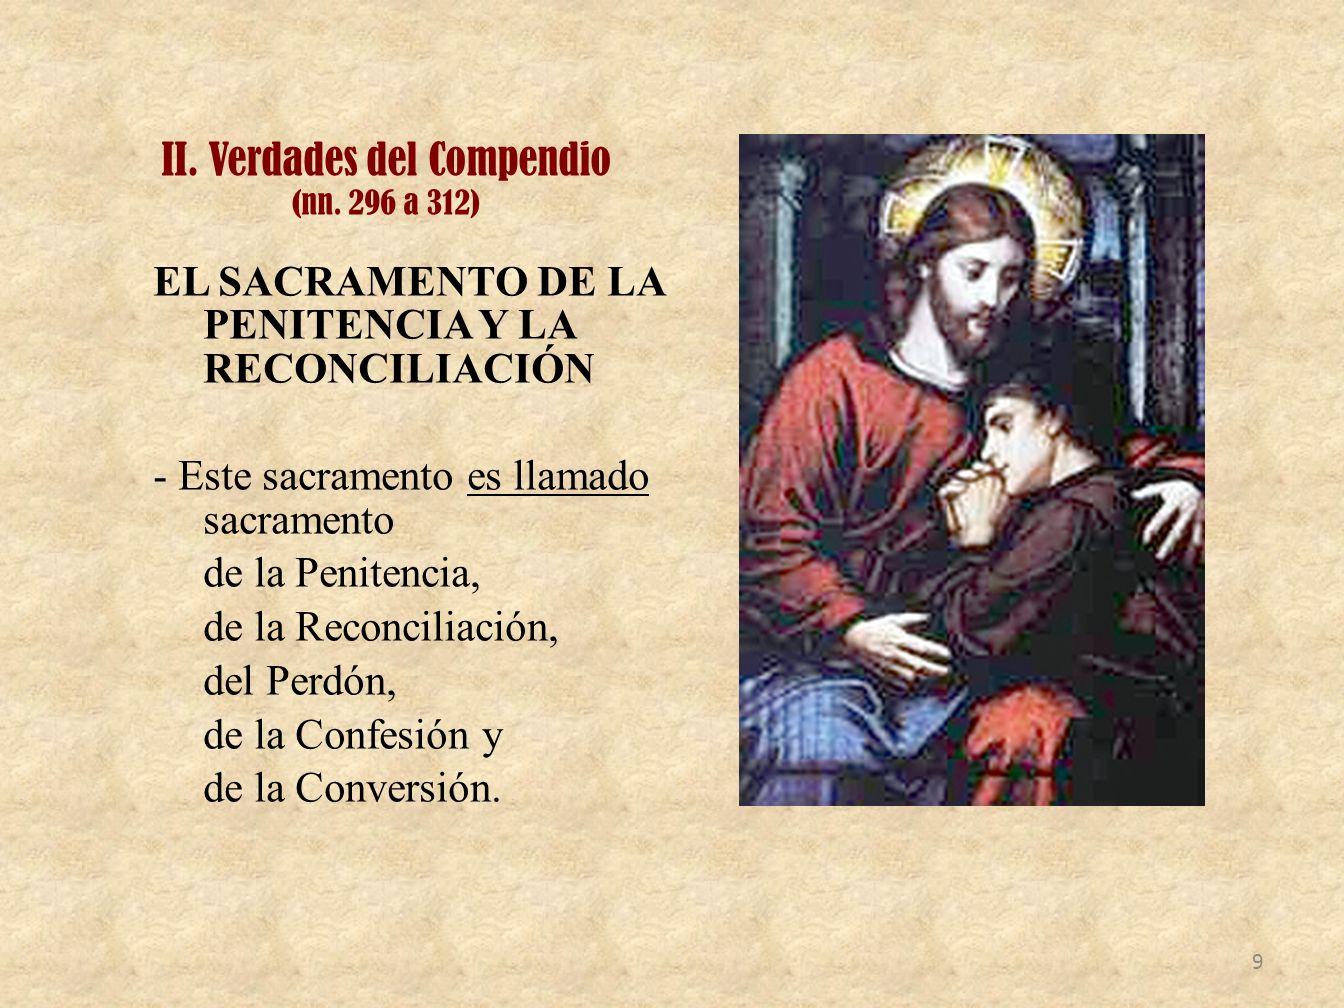 II. Verdades del Compendio (nn. 296 a 312) EL SACRAMENTO DE LA PENITENCIA Y LA RECONCILIACIÓN - Este sacramento es llamado sacramento de la Penitencia